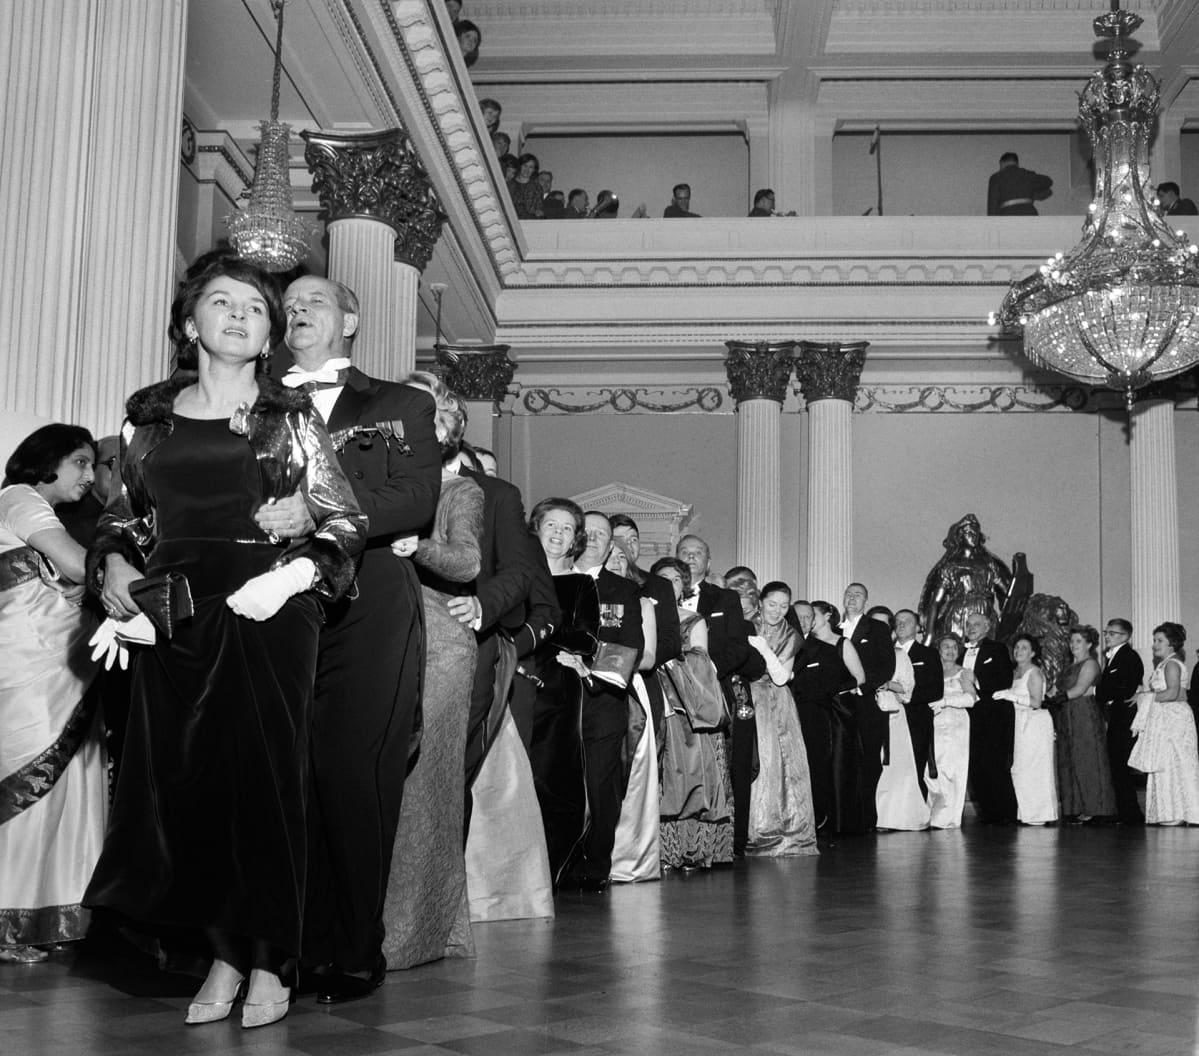 Juhlavieraita tanssimassa muotitanssi letkajenkkaa Linnan juhlissa 6. joulukuuta 1964.